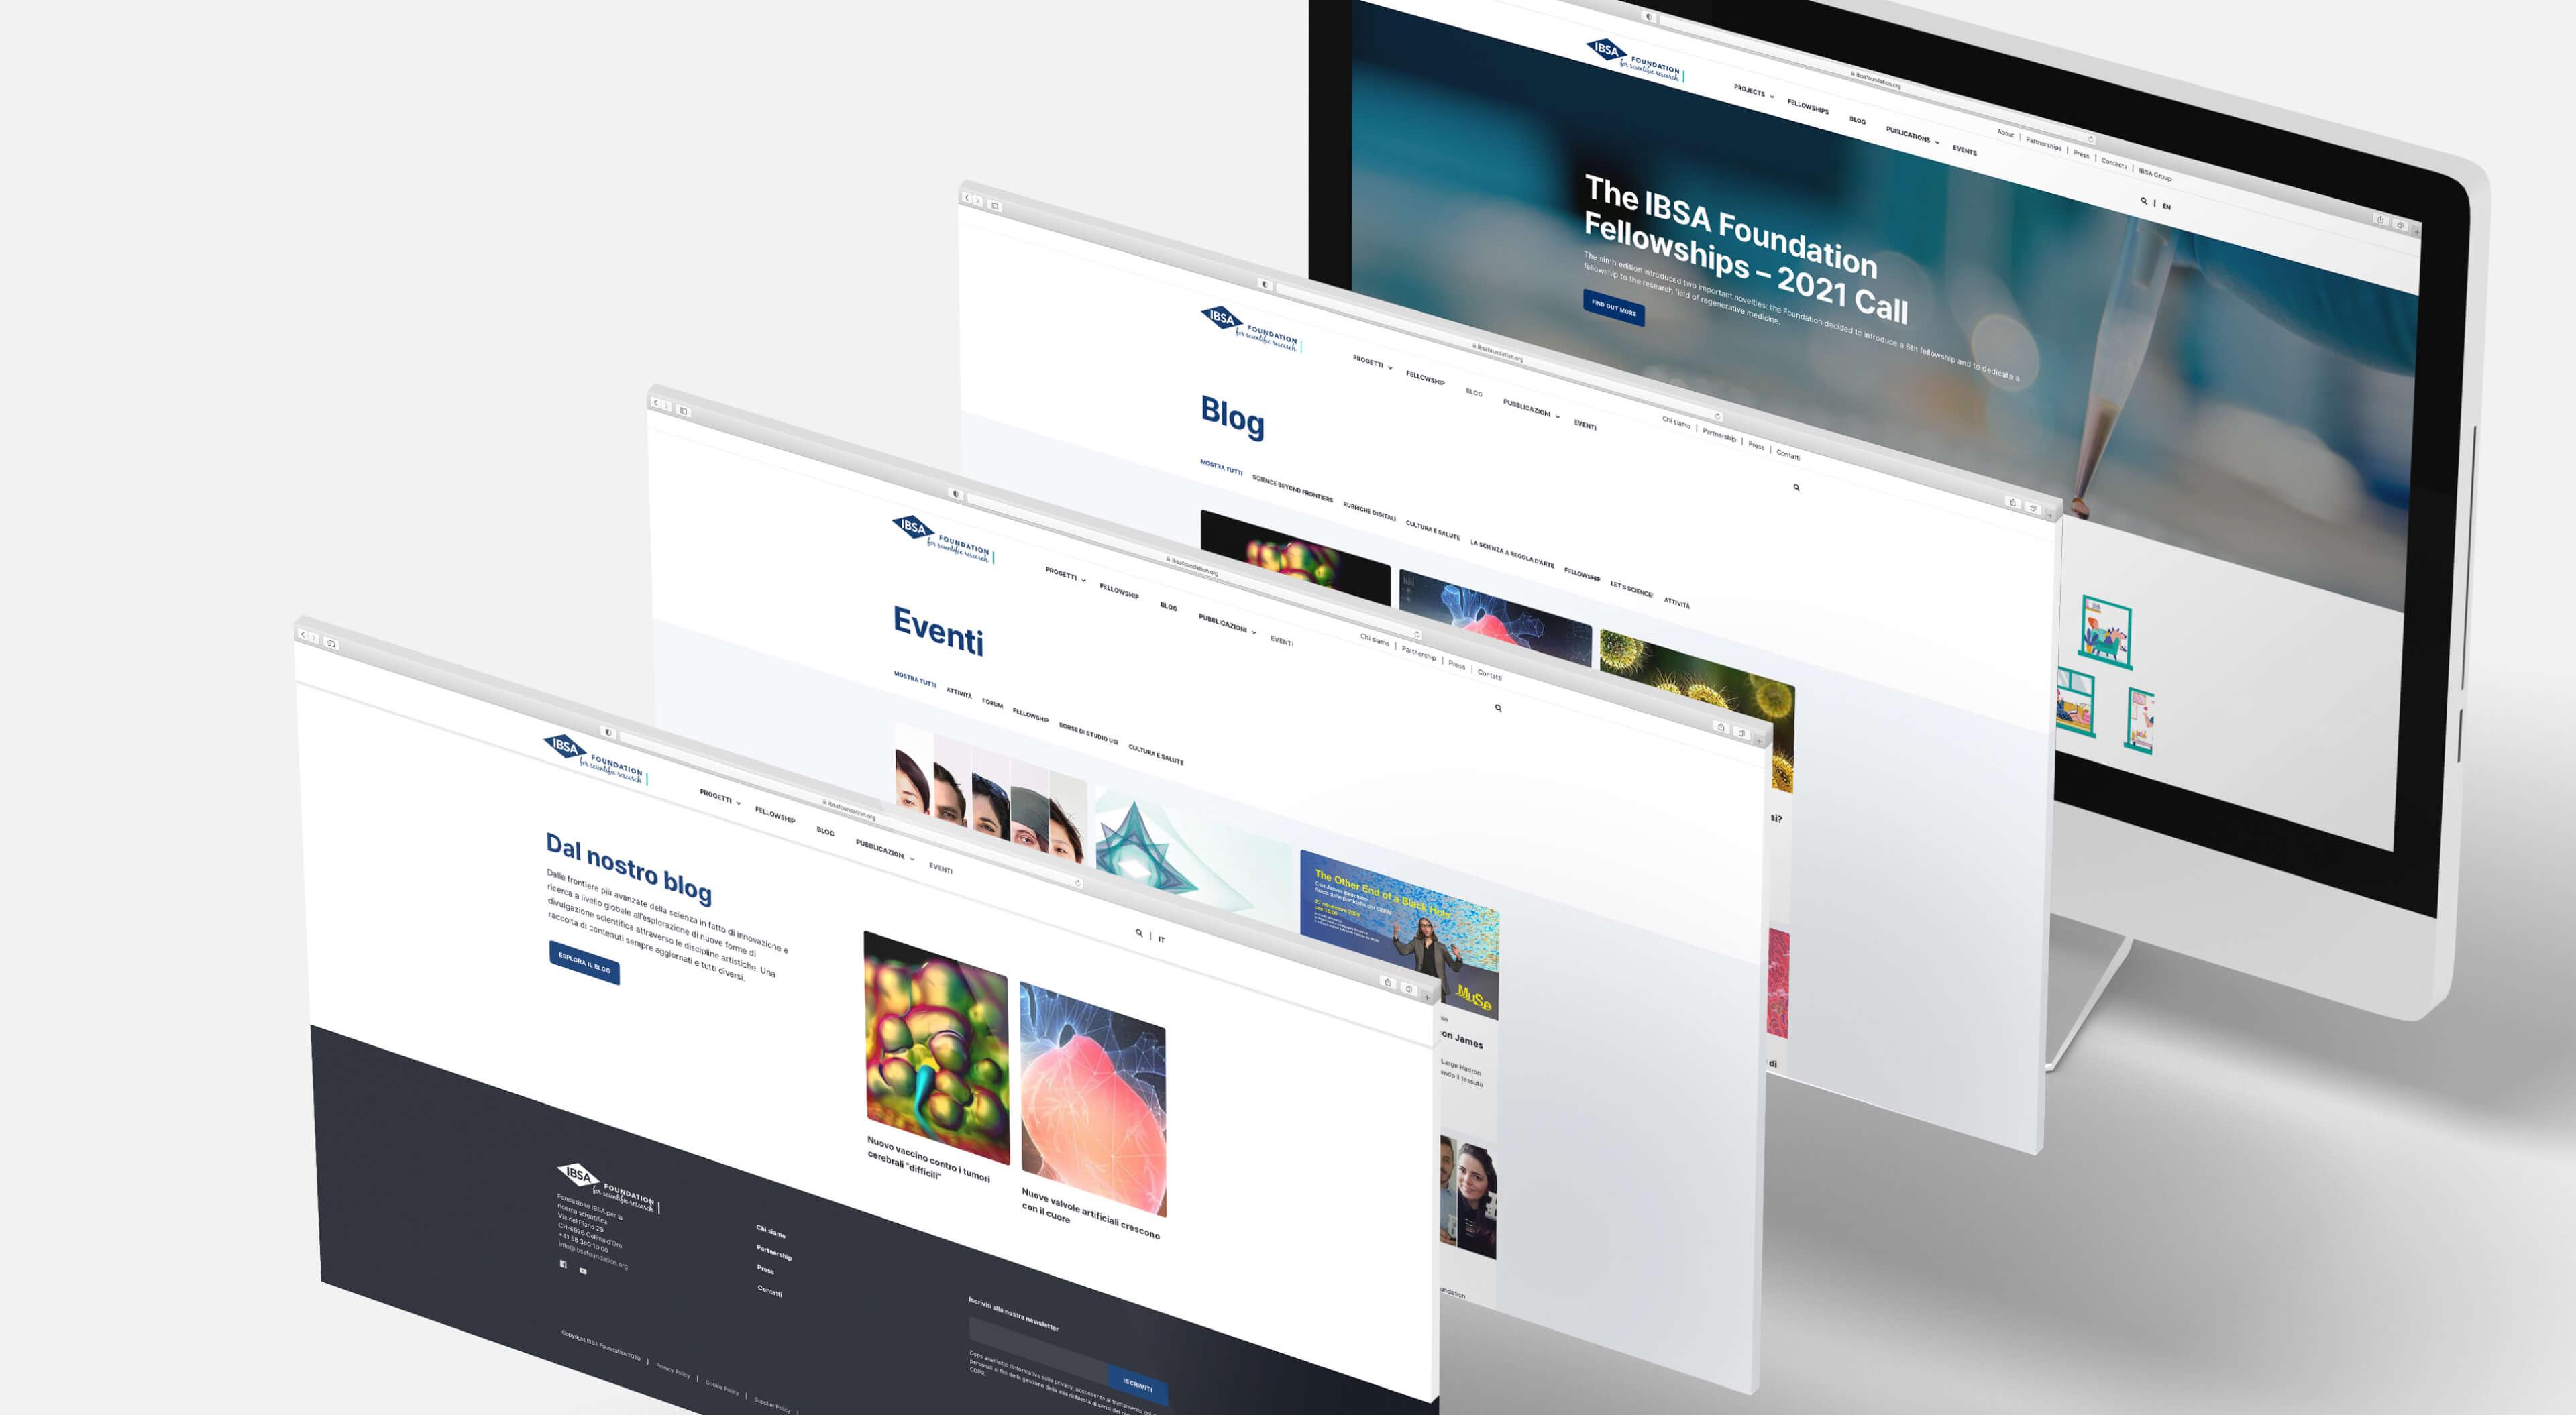 Schermata - Home, Blog e Eventi